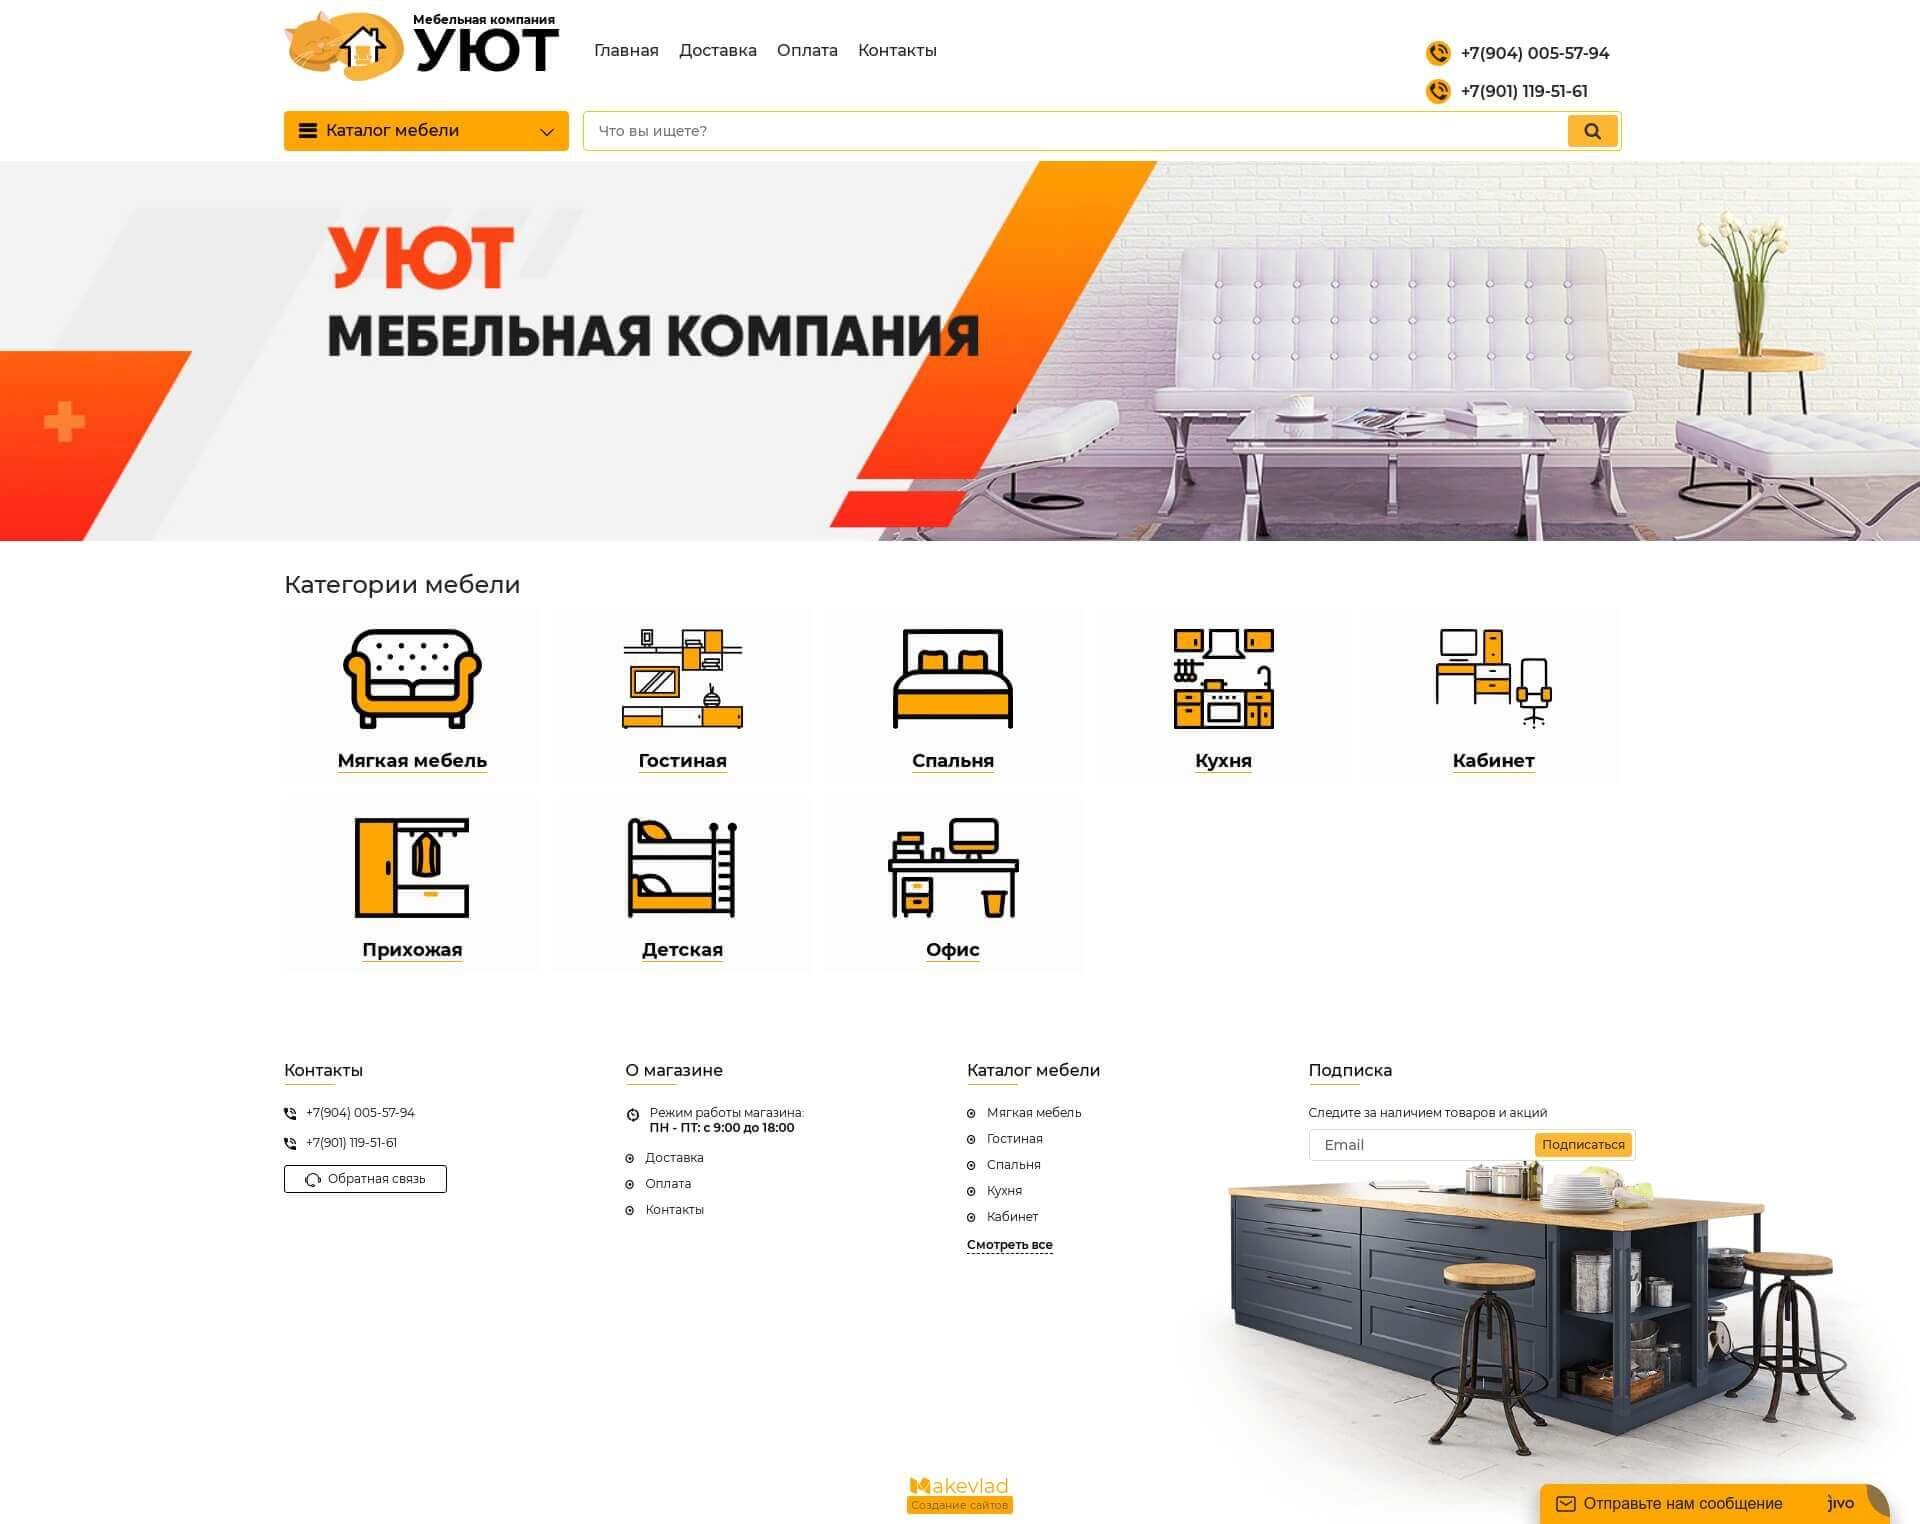 Скриншот №1 страницы сайта во весь экран. Интернет каталог мебели